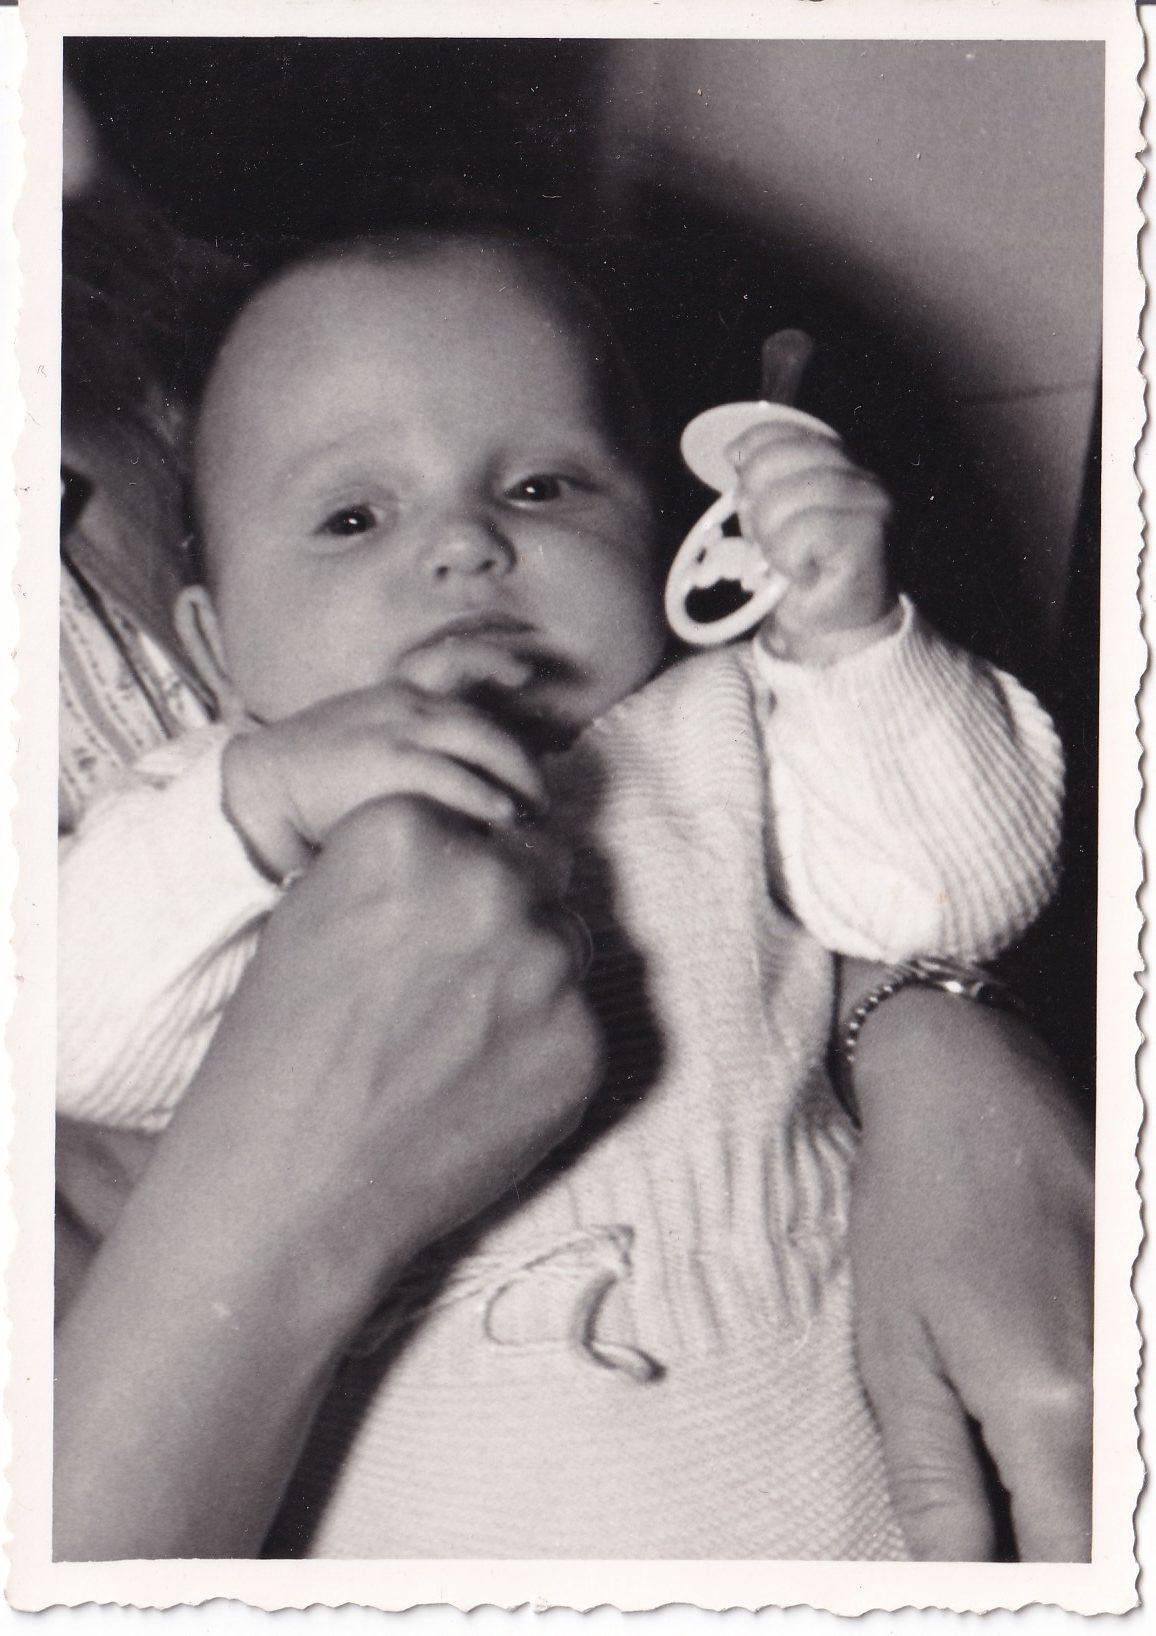 Pochette  Bébé dans les bras Format   rotated